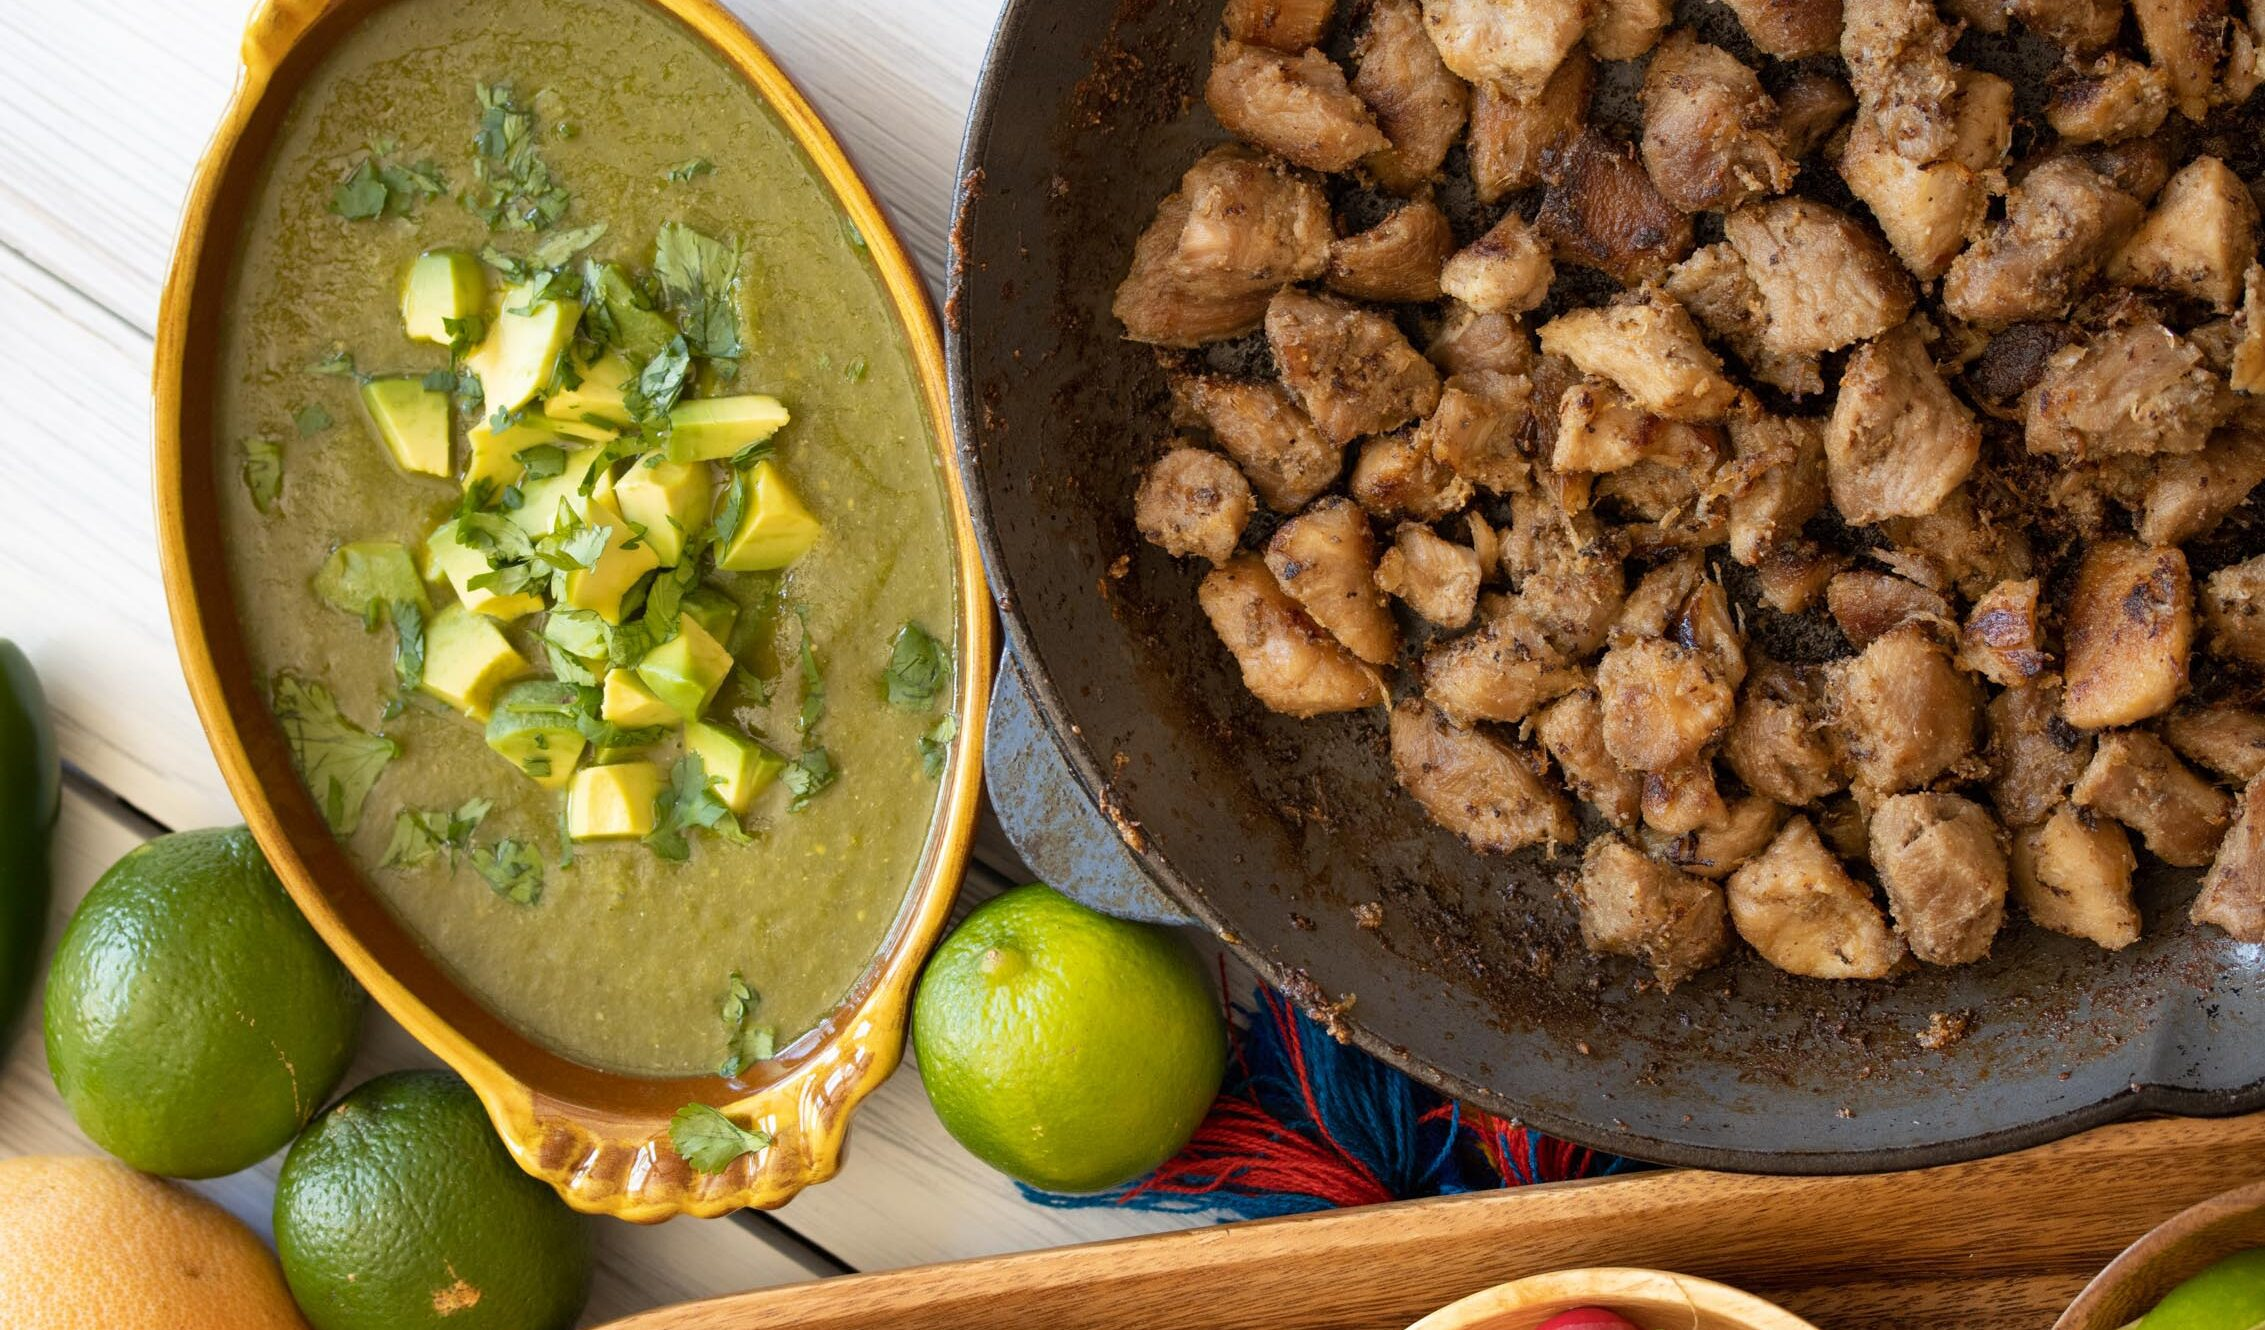 carnitas tacos with tomatillo sauce with avocado